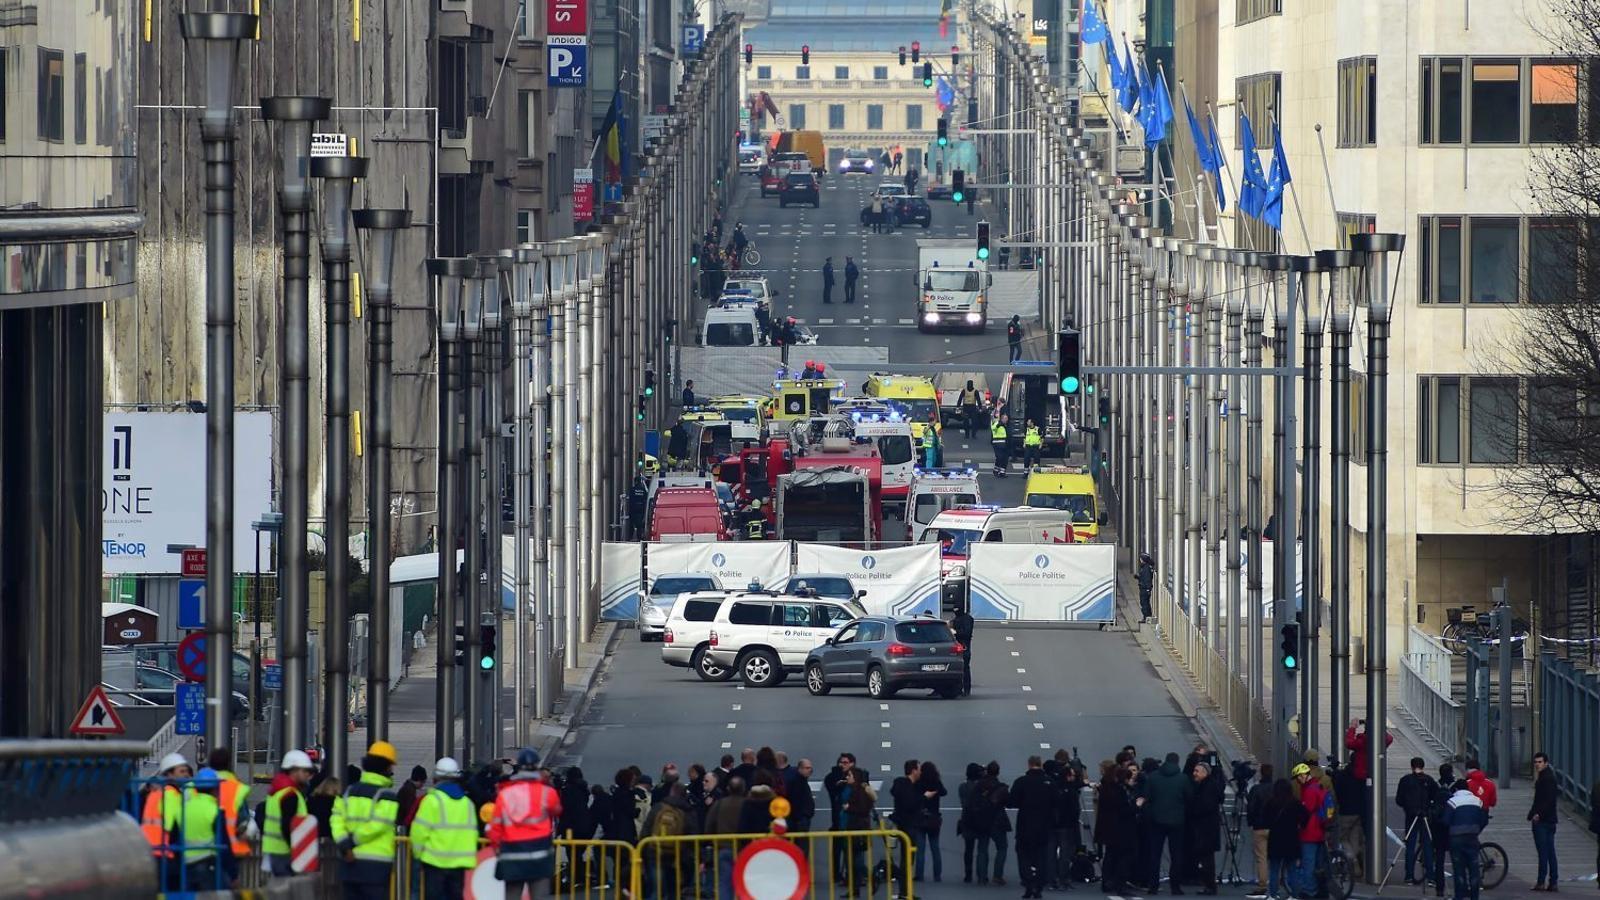 La Rue de la Loi, l'artèria viària que travessa el barri europeu de Brussel·les, tallada ahir davant la parada de metro de Maelbeek, després de l'explosió.